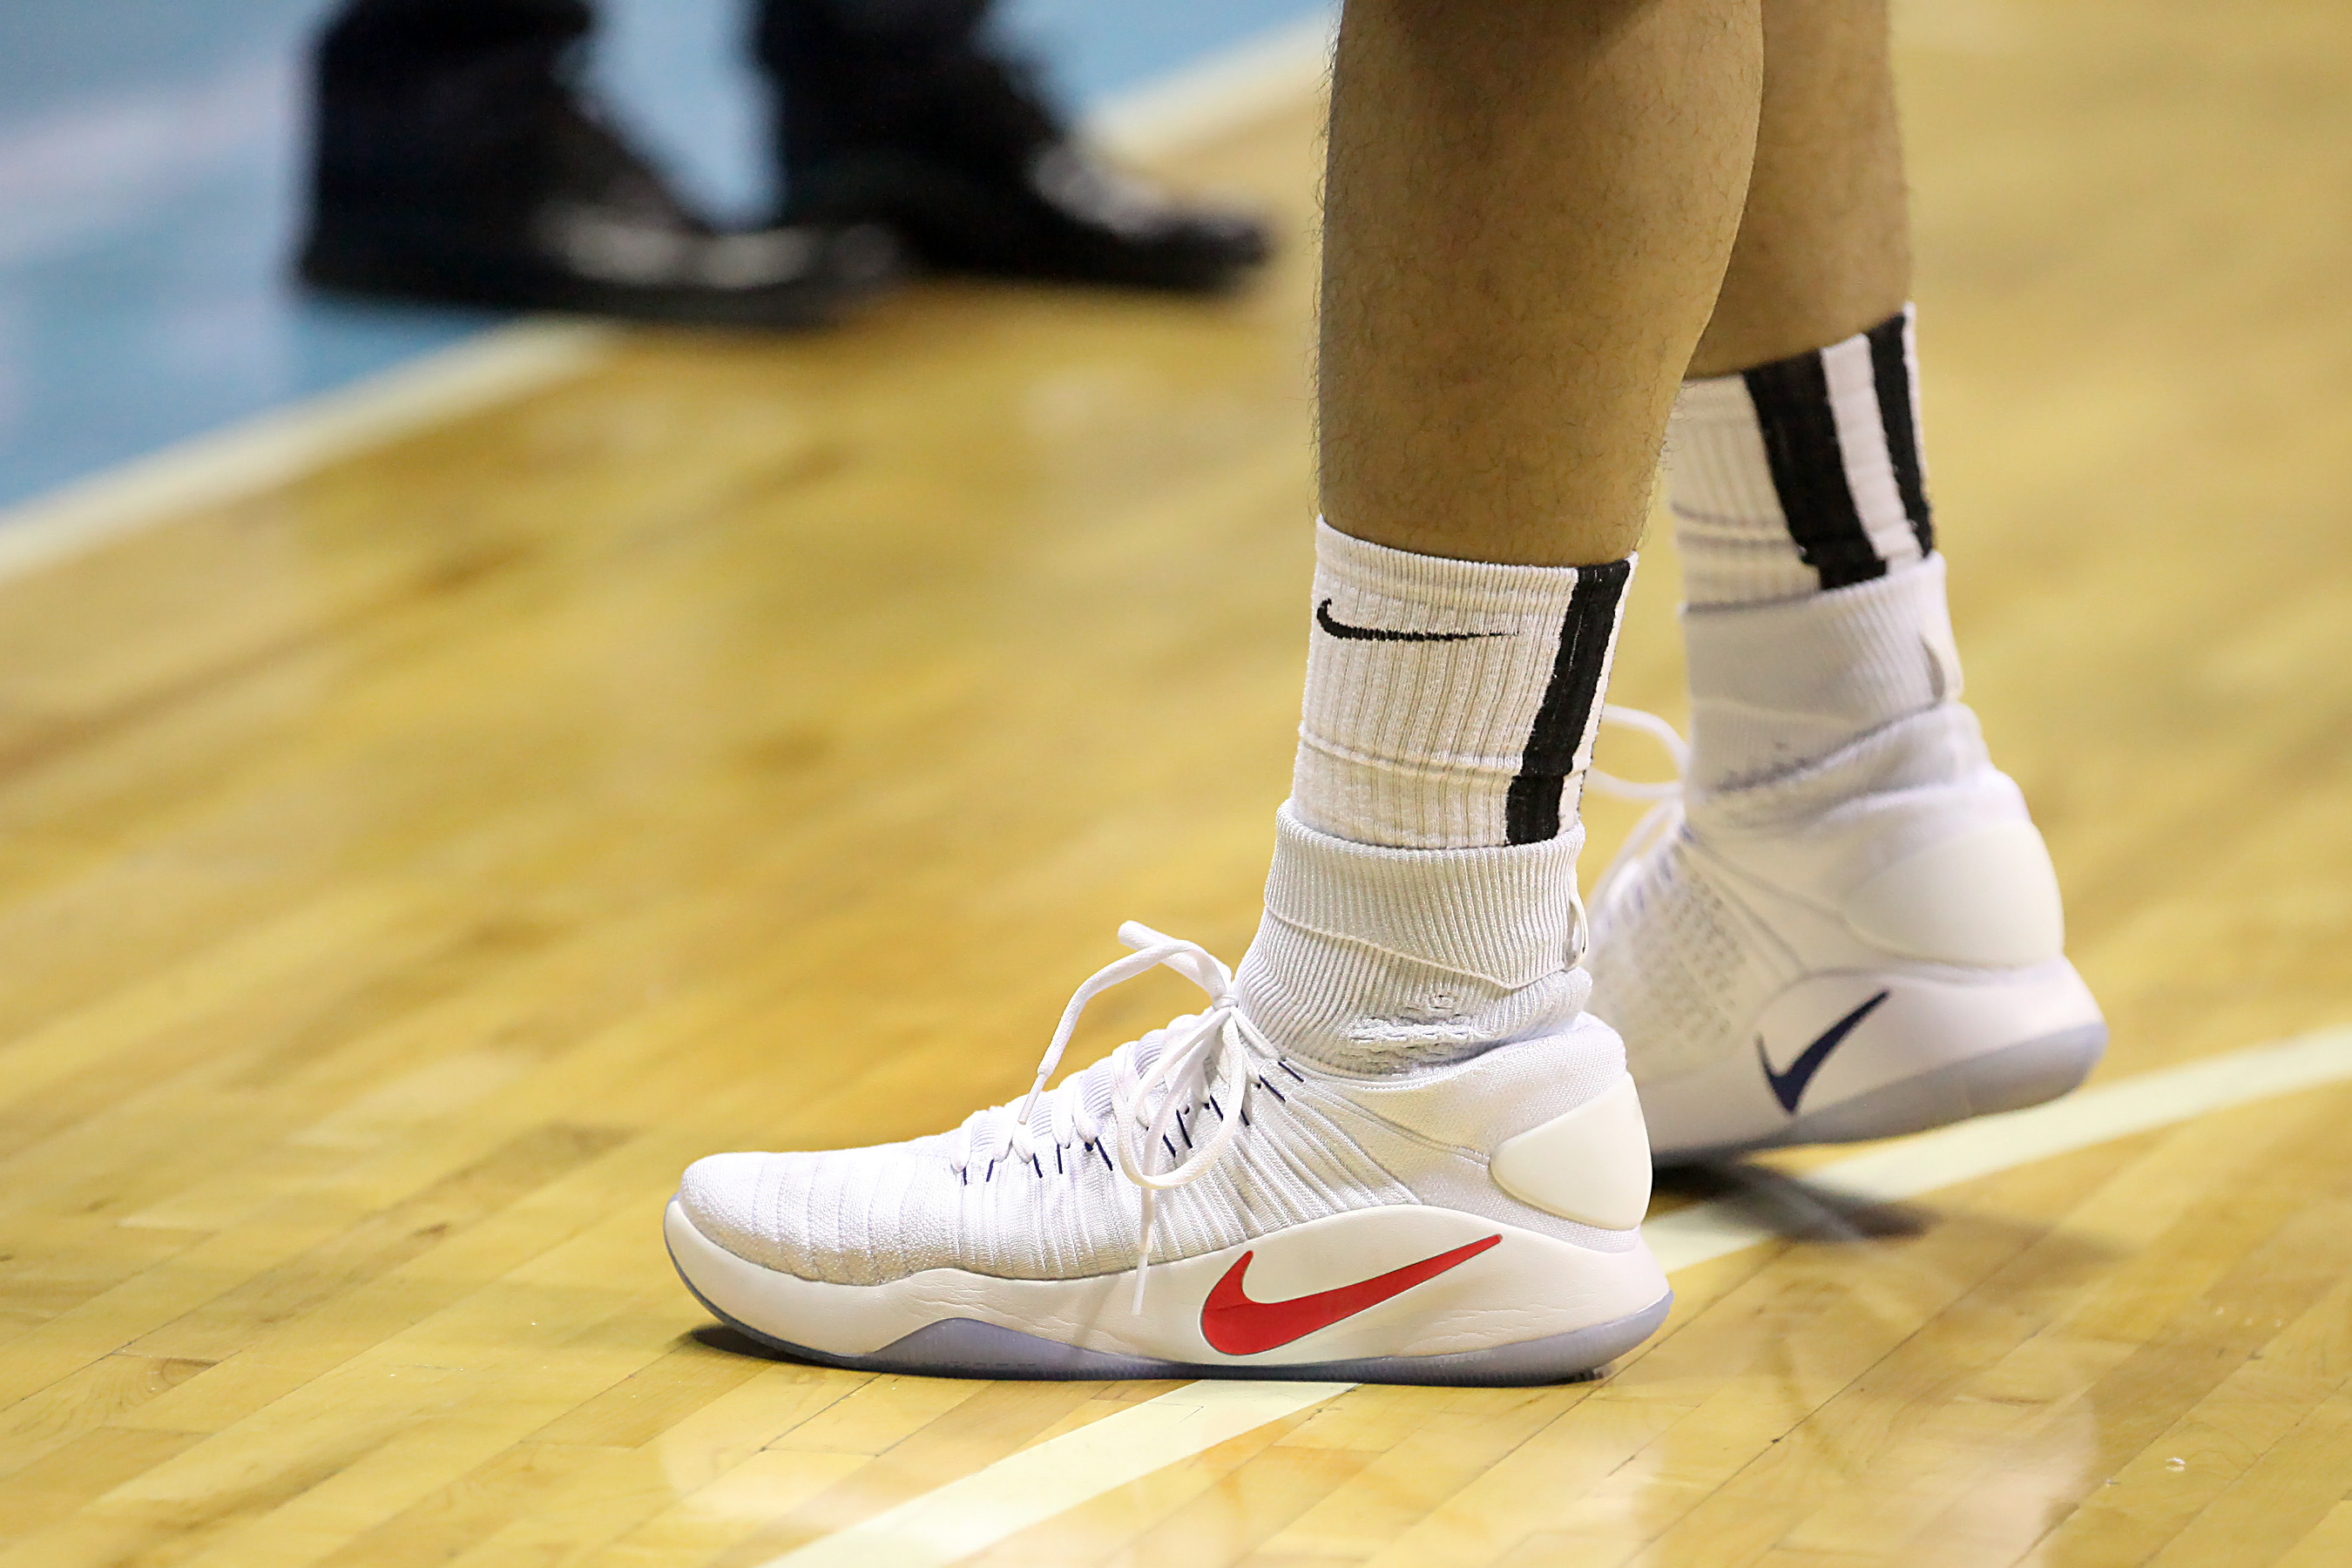 SLAM Sneaker Watch: Alaska and Star rock the new Nike Hyperdunk 2016 Flyknit